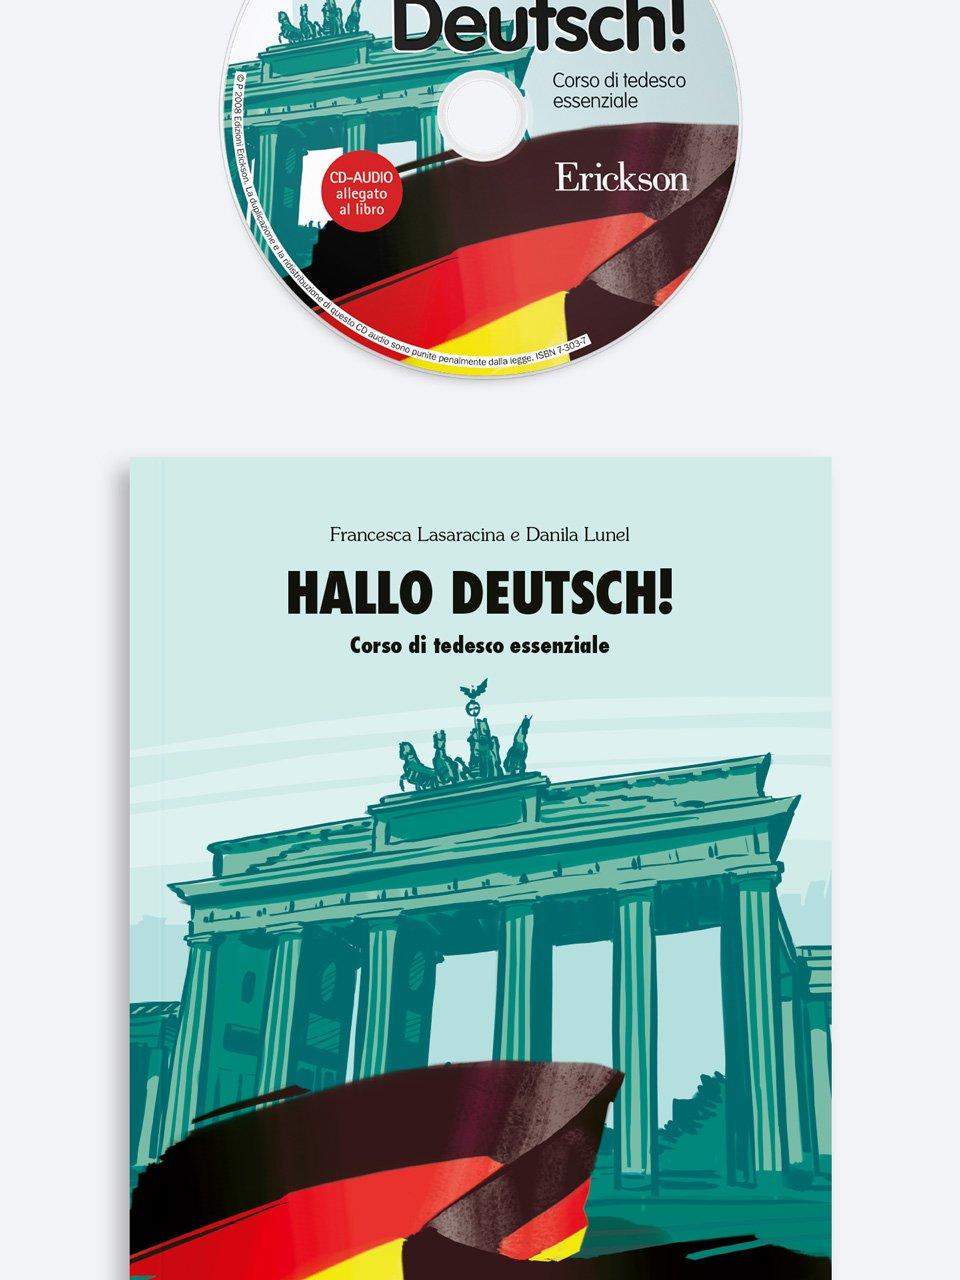 Hallo Deutsch! - Libri - App e software - Erickson 3